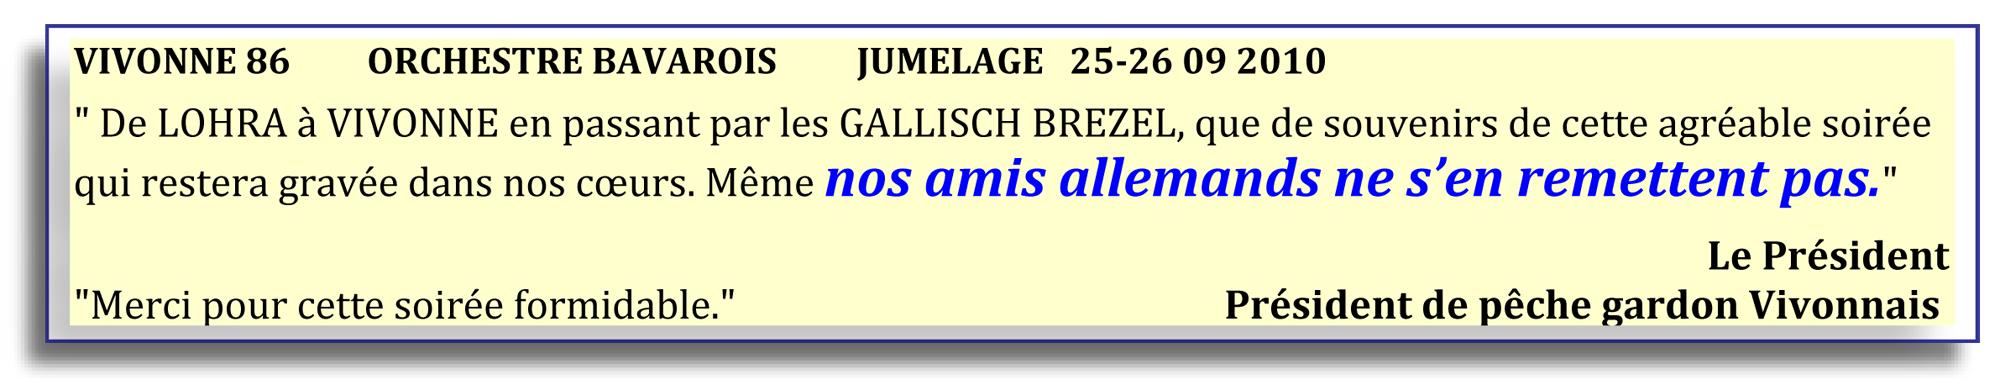 Vivonne 86 - orchestre bavarois - jumelage 25-26 09 2010